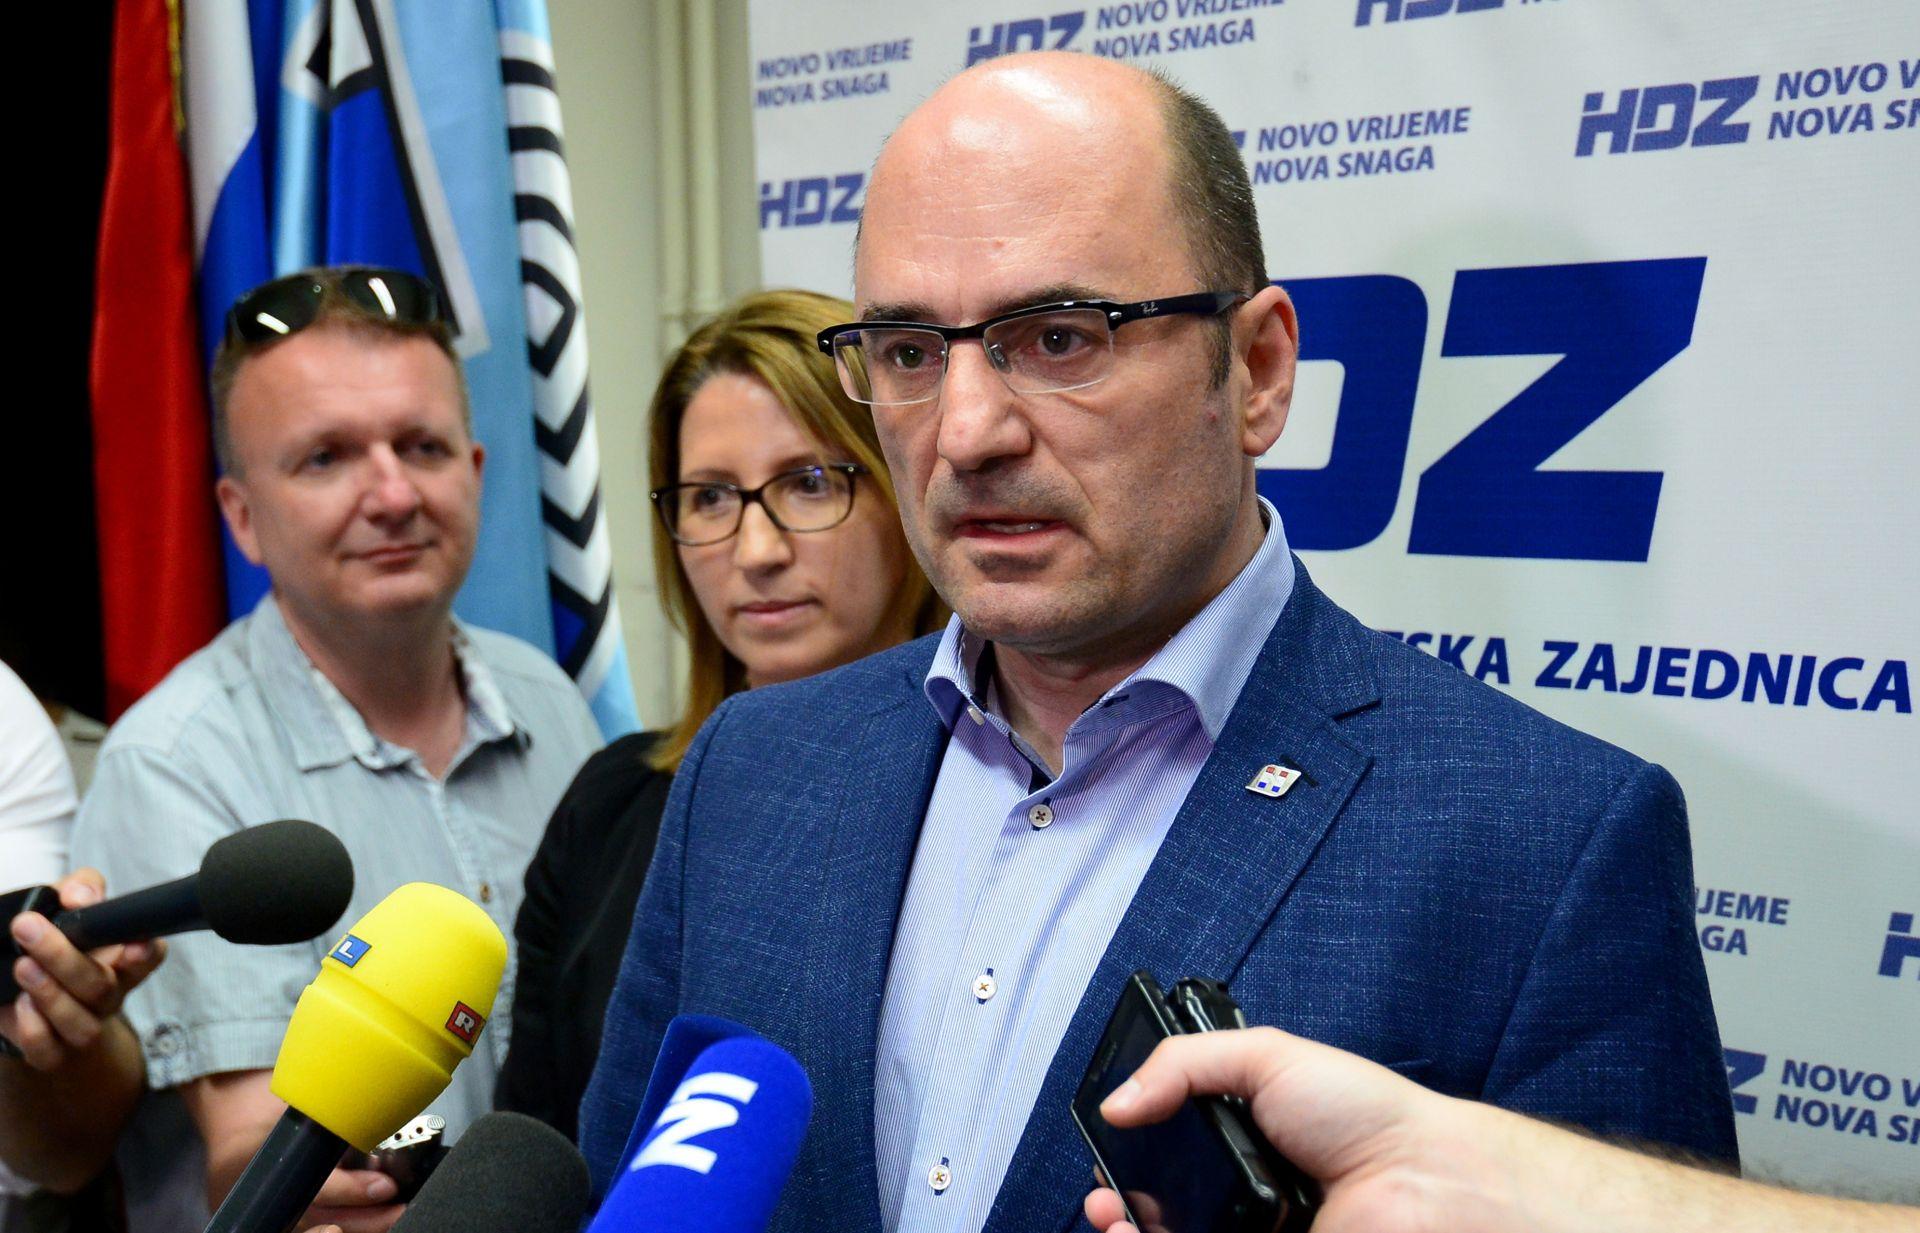 Brkić: Osim Plenkovića potpise prikupljaju još neki kandidati za predsjednika HDZ-a